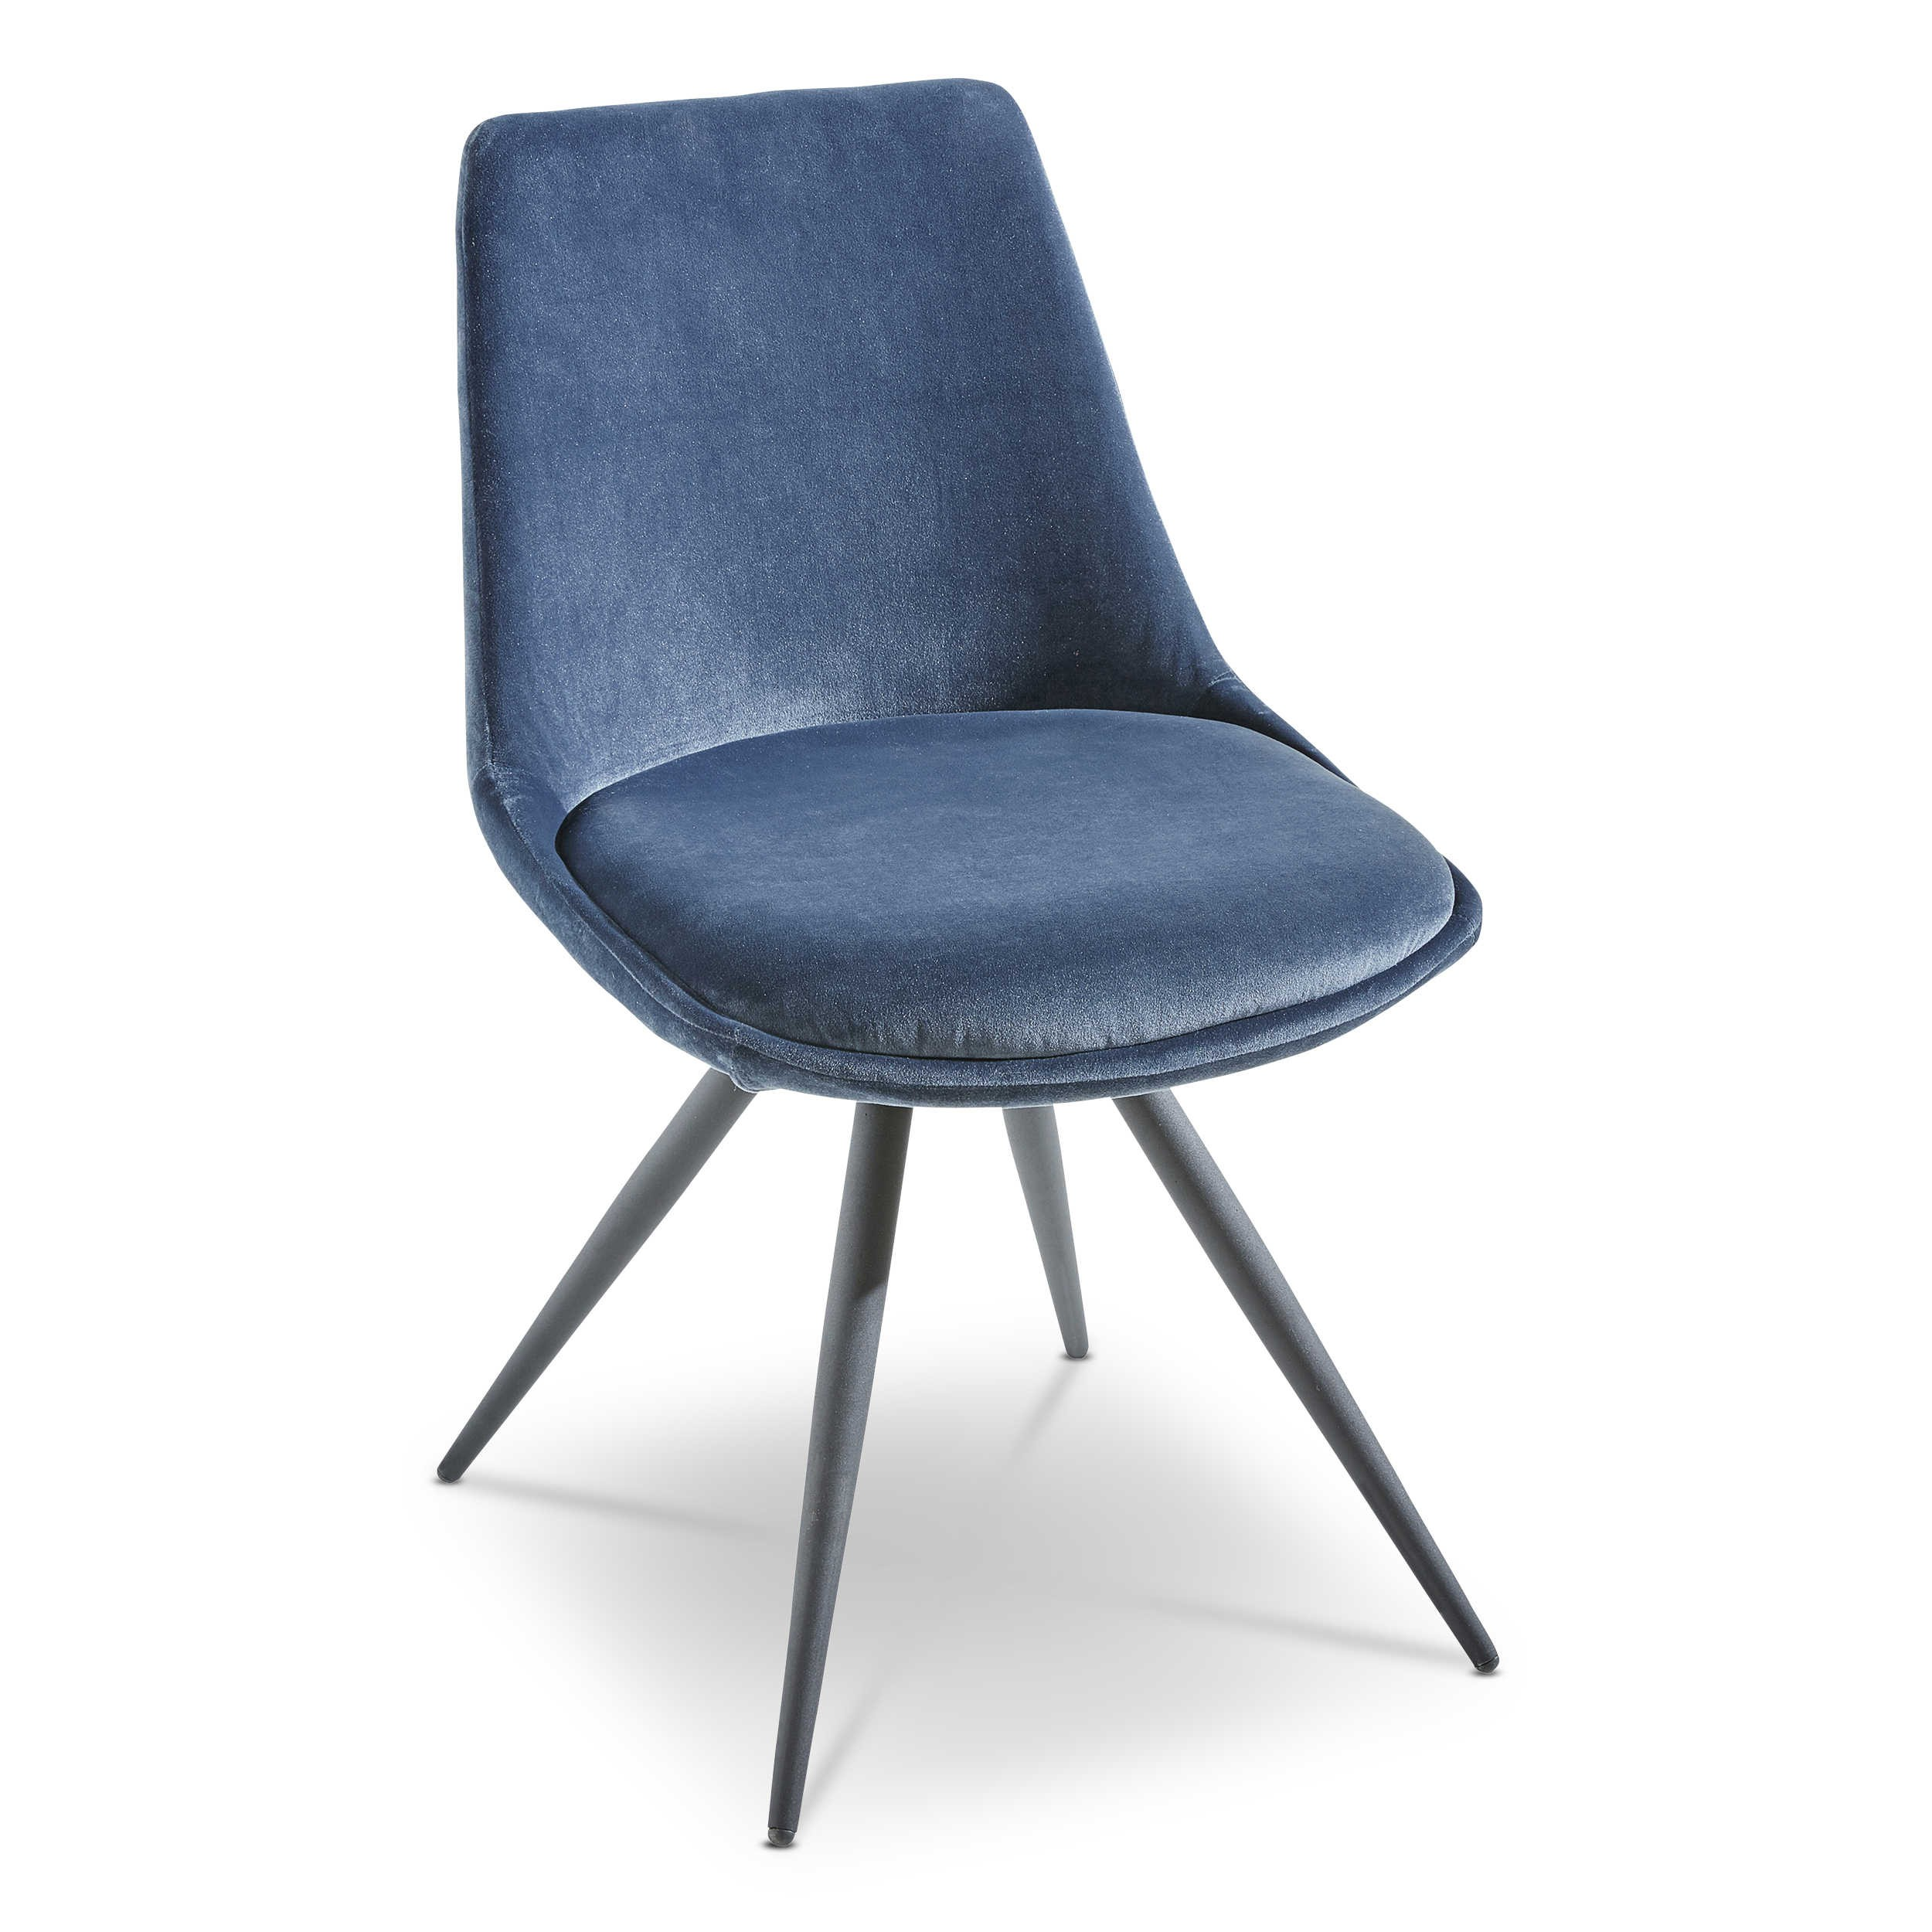 stuhl girona 2er set blau stoff online kaufen bei woonio. Black Bedroom Furniture Sets. Home Design Ideas